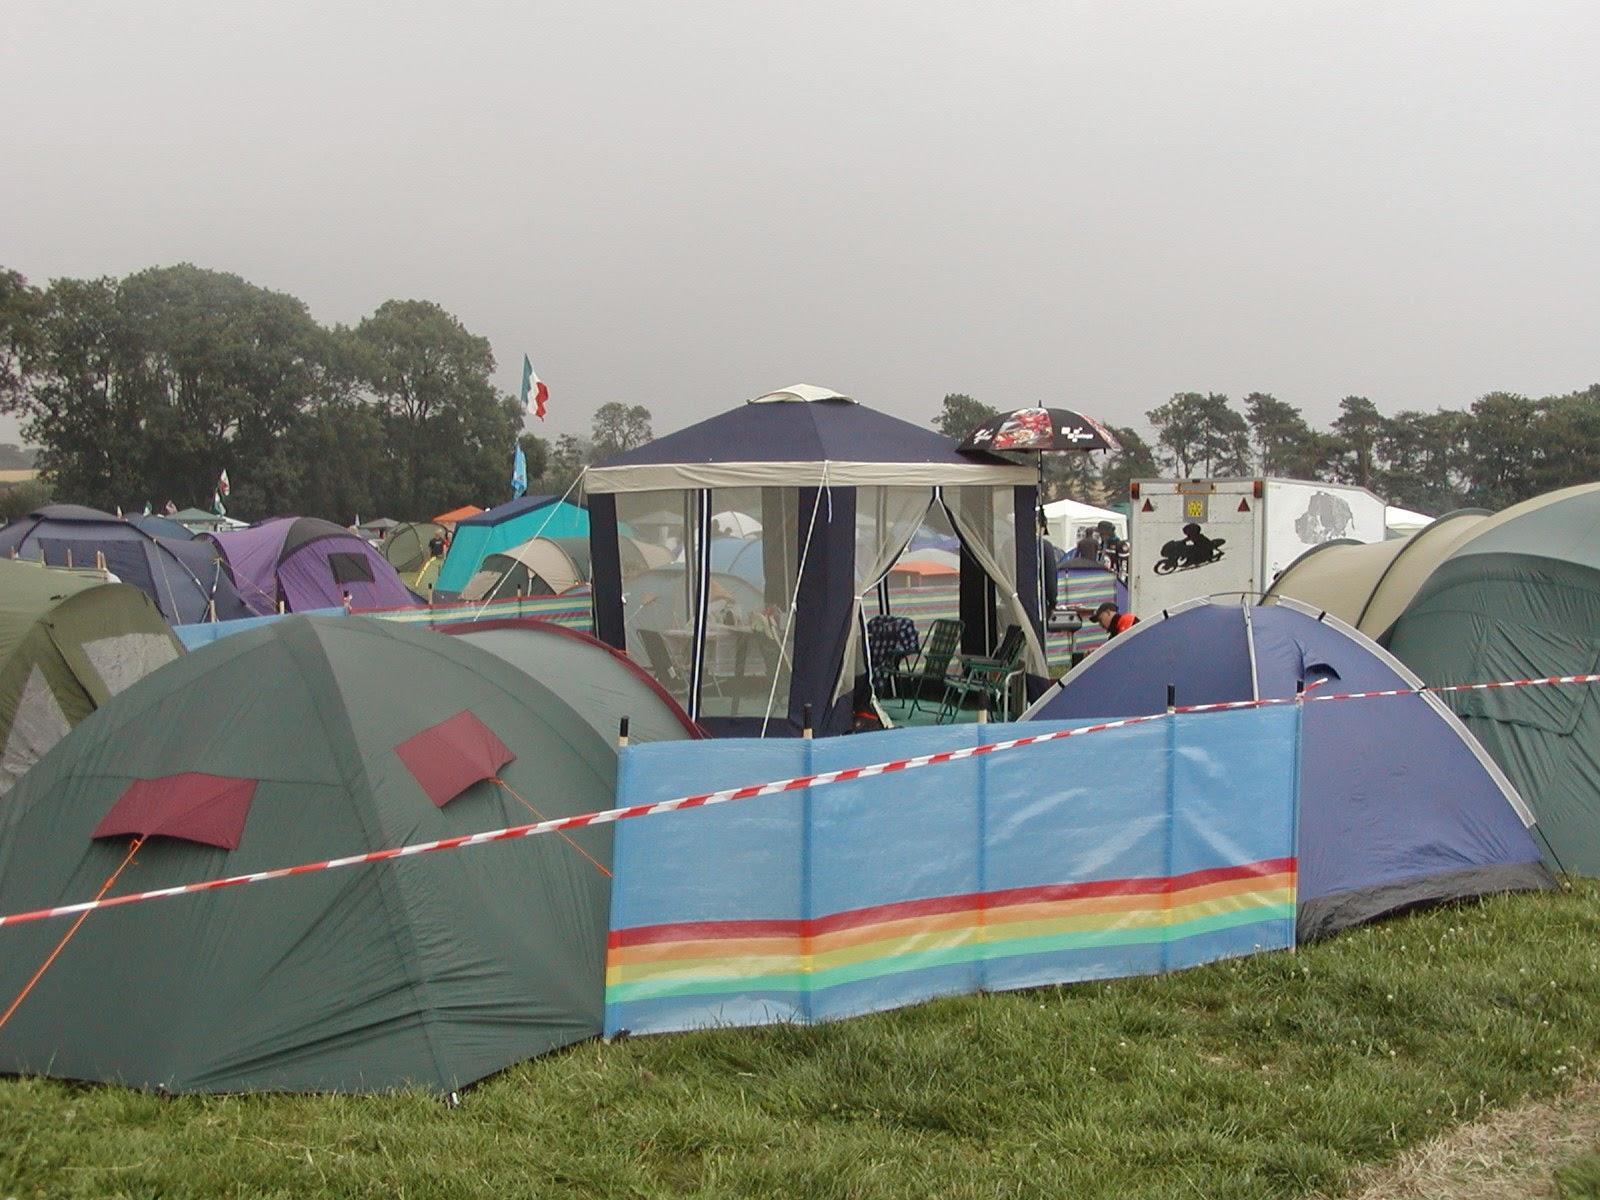 camping en el circuito de Donington Park